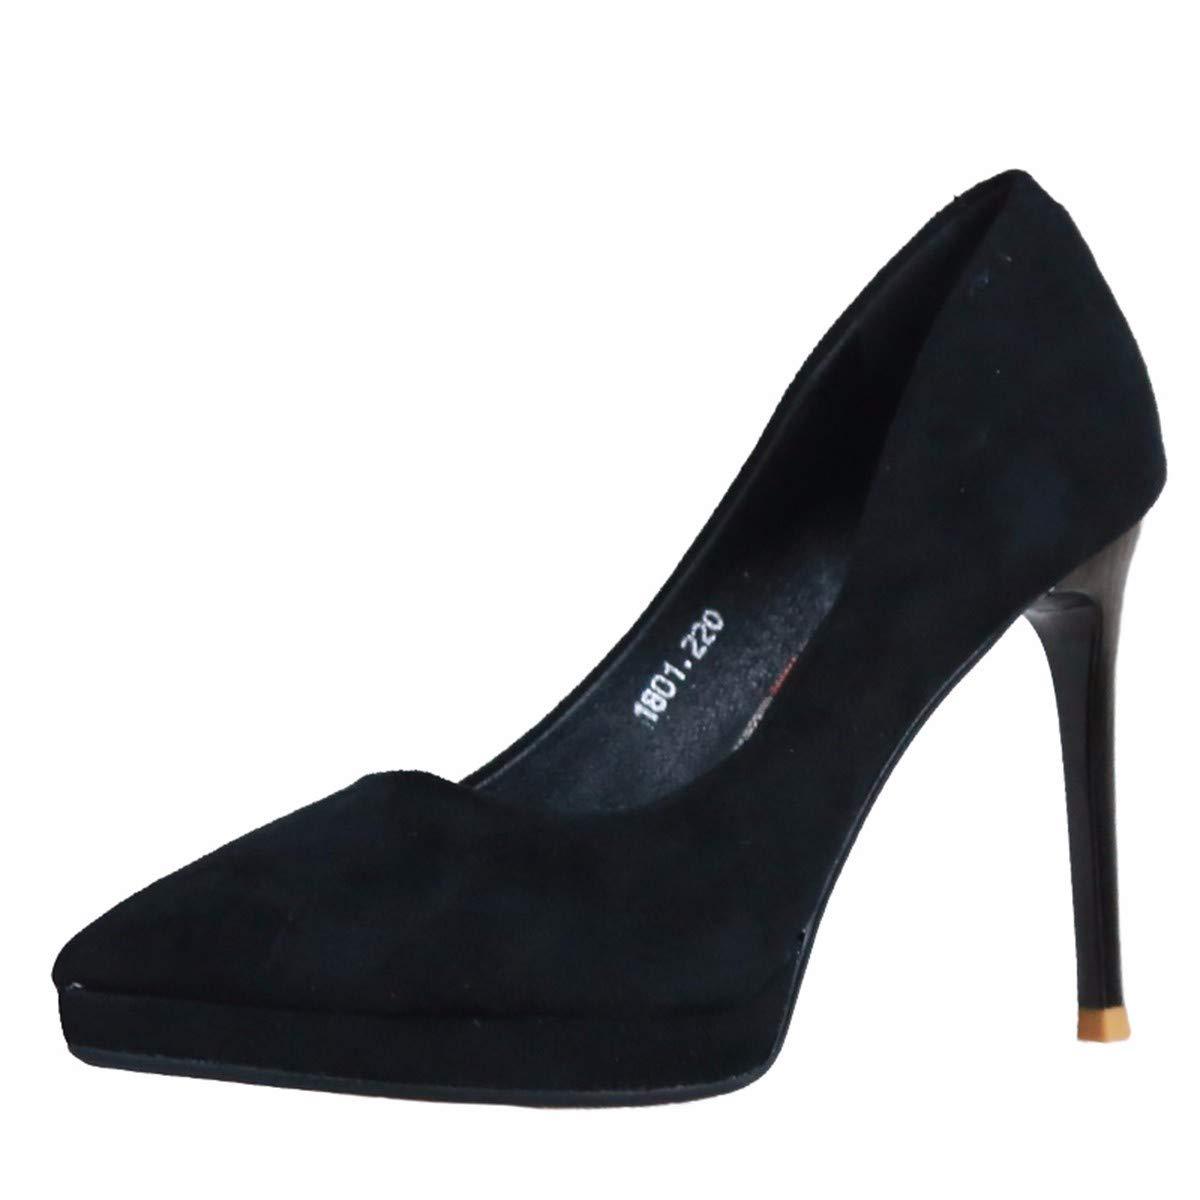 KPHY Damenschuhe Im Herbst Sexy Damenschuhen Spitze Dünn und 10Cm Hochhackige Schuhe Einfache Flache Wildleder Einzelne Schuhe.37 des